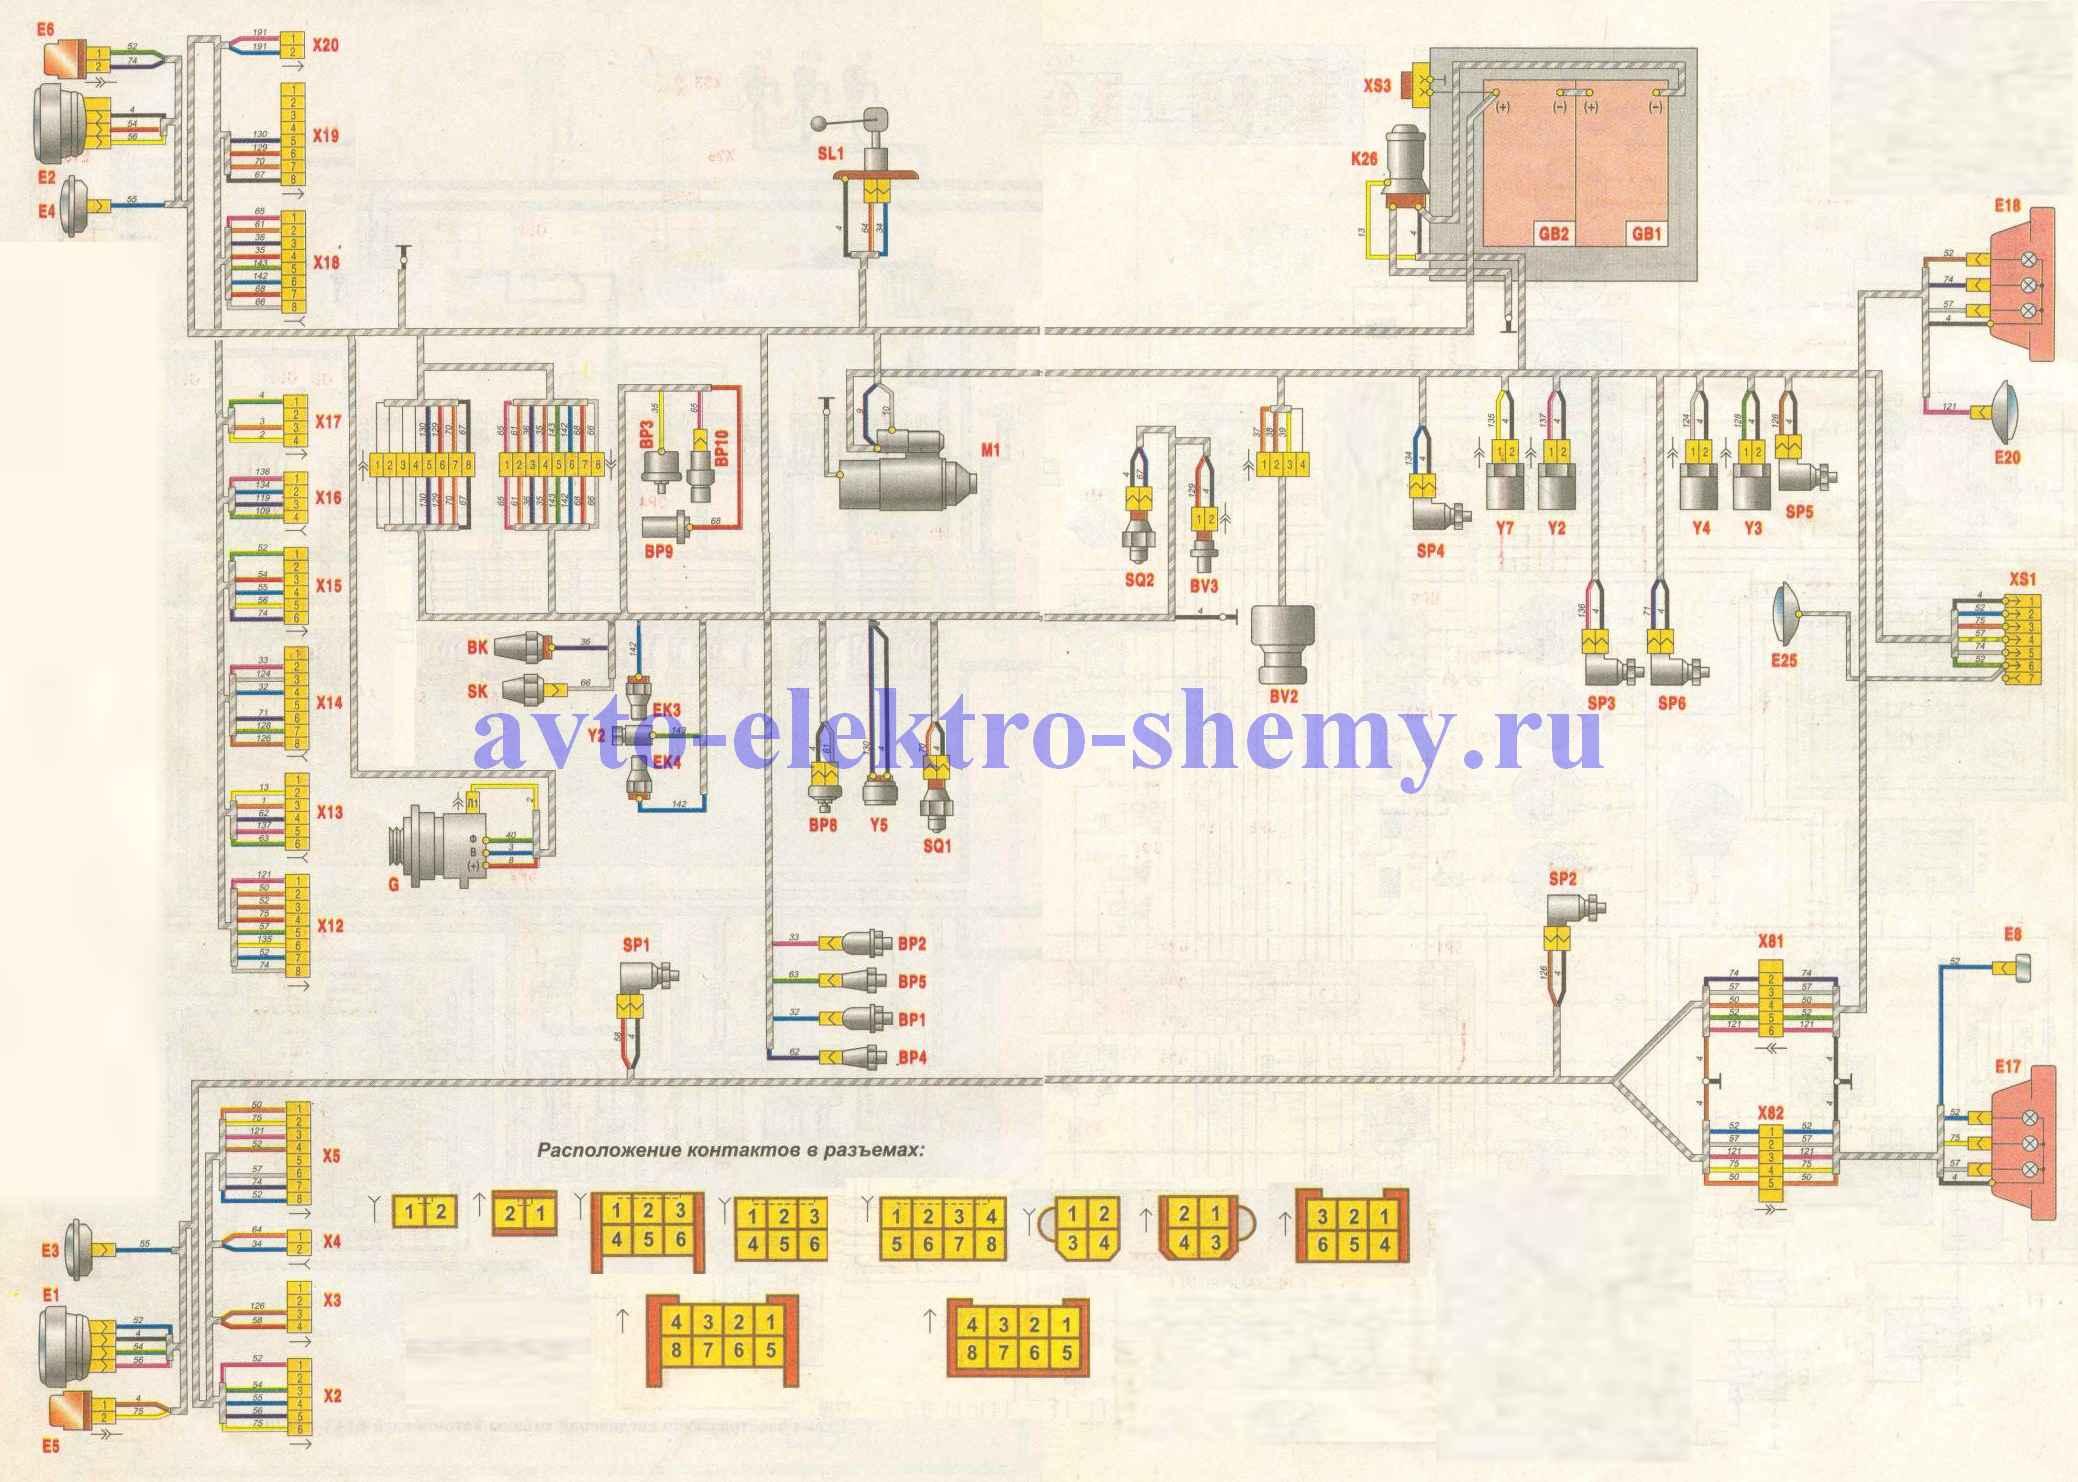 Схема электрическая соединений шасси автомобилей МАЗ -631705